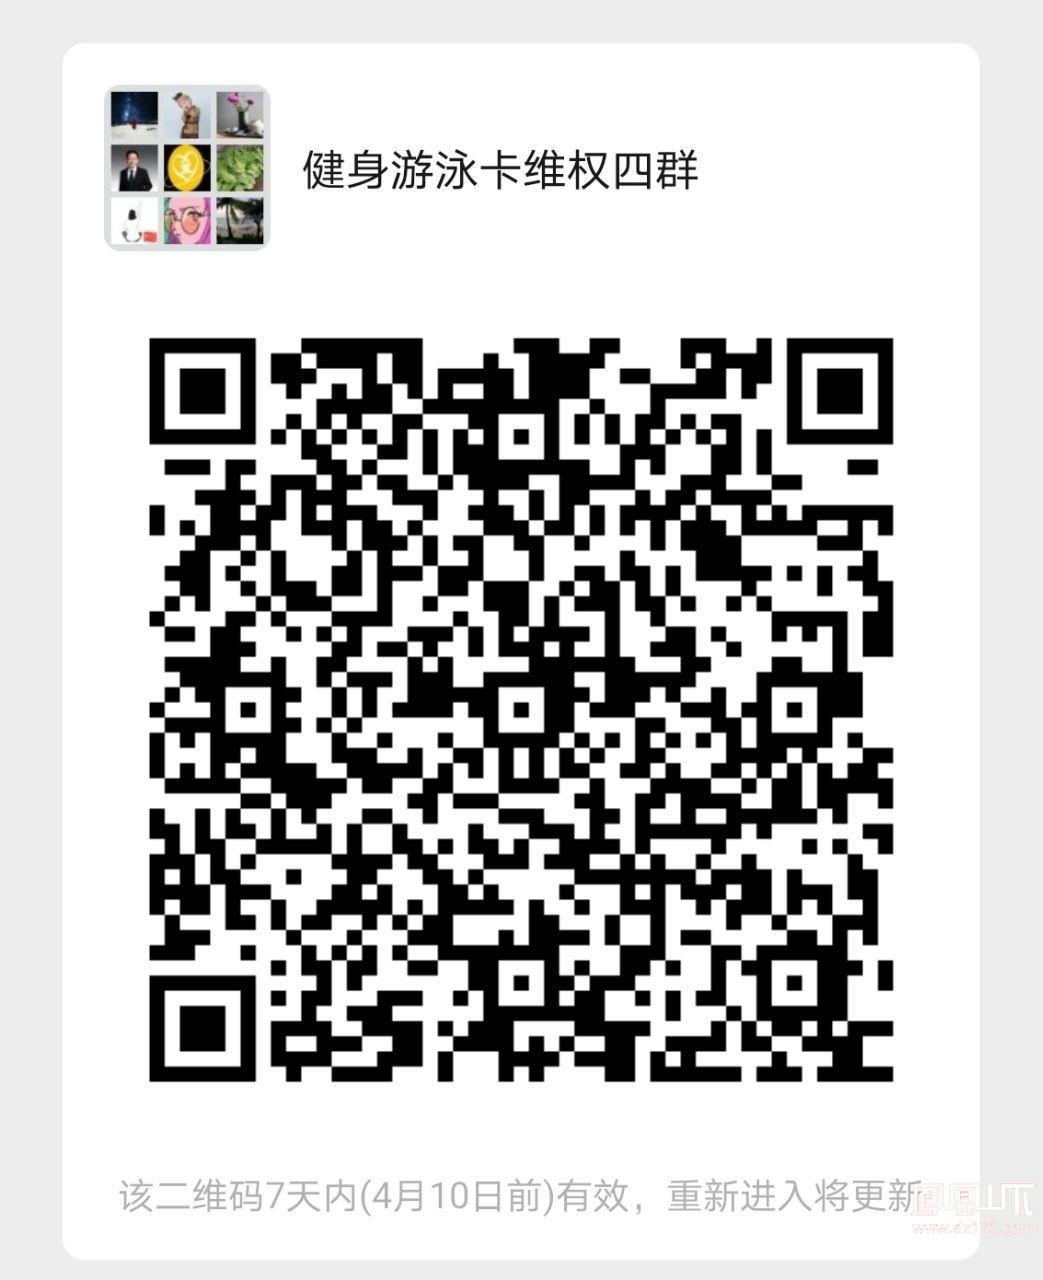 20210403_1336850_1617464237859.jpg